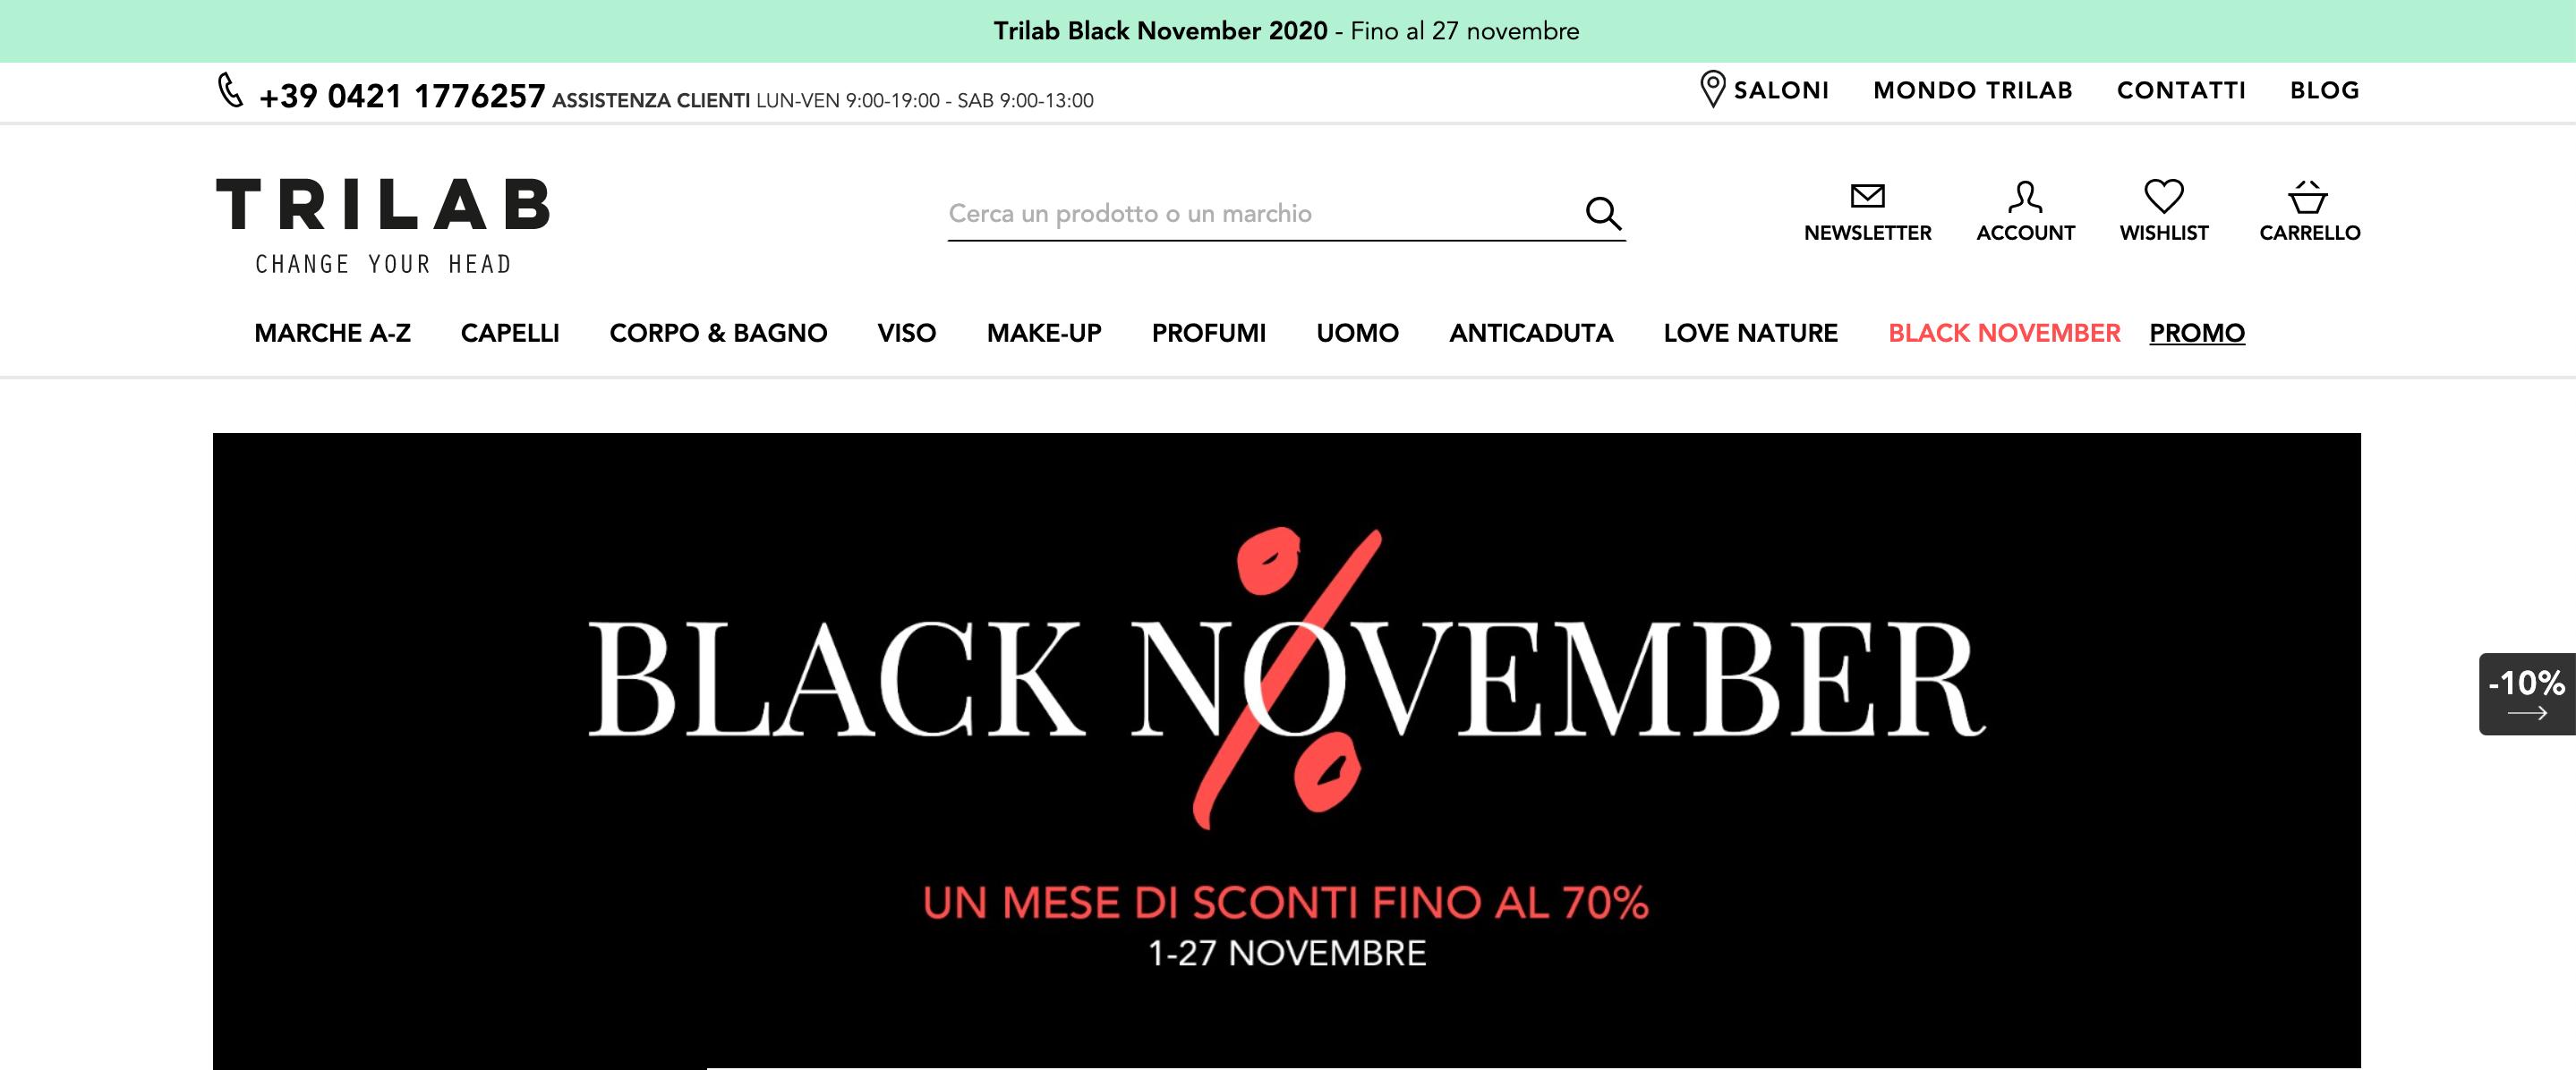 Trilab-Black-November-2020